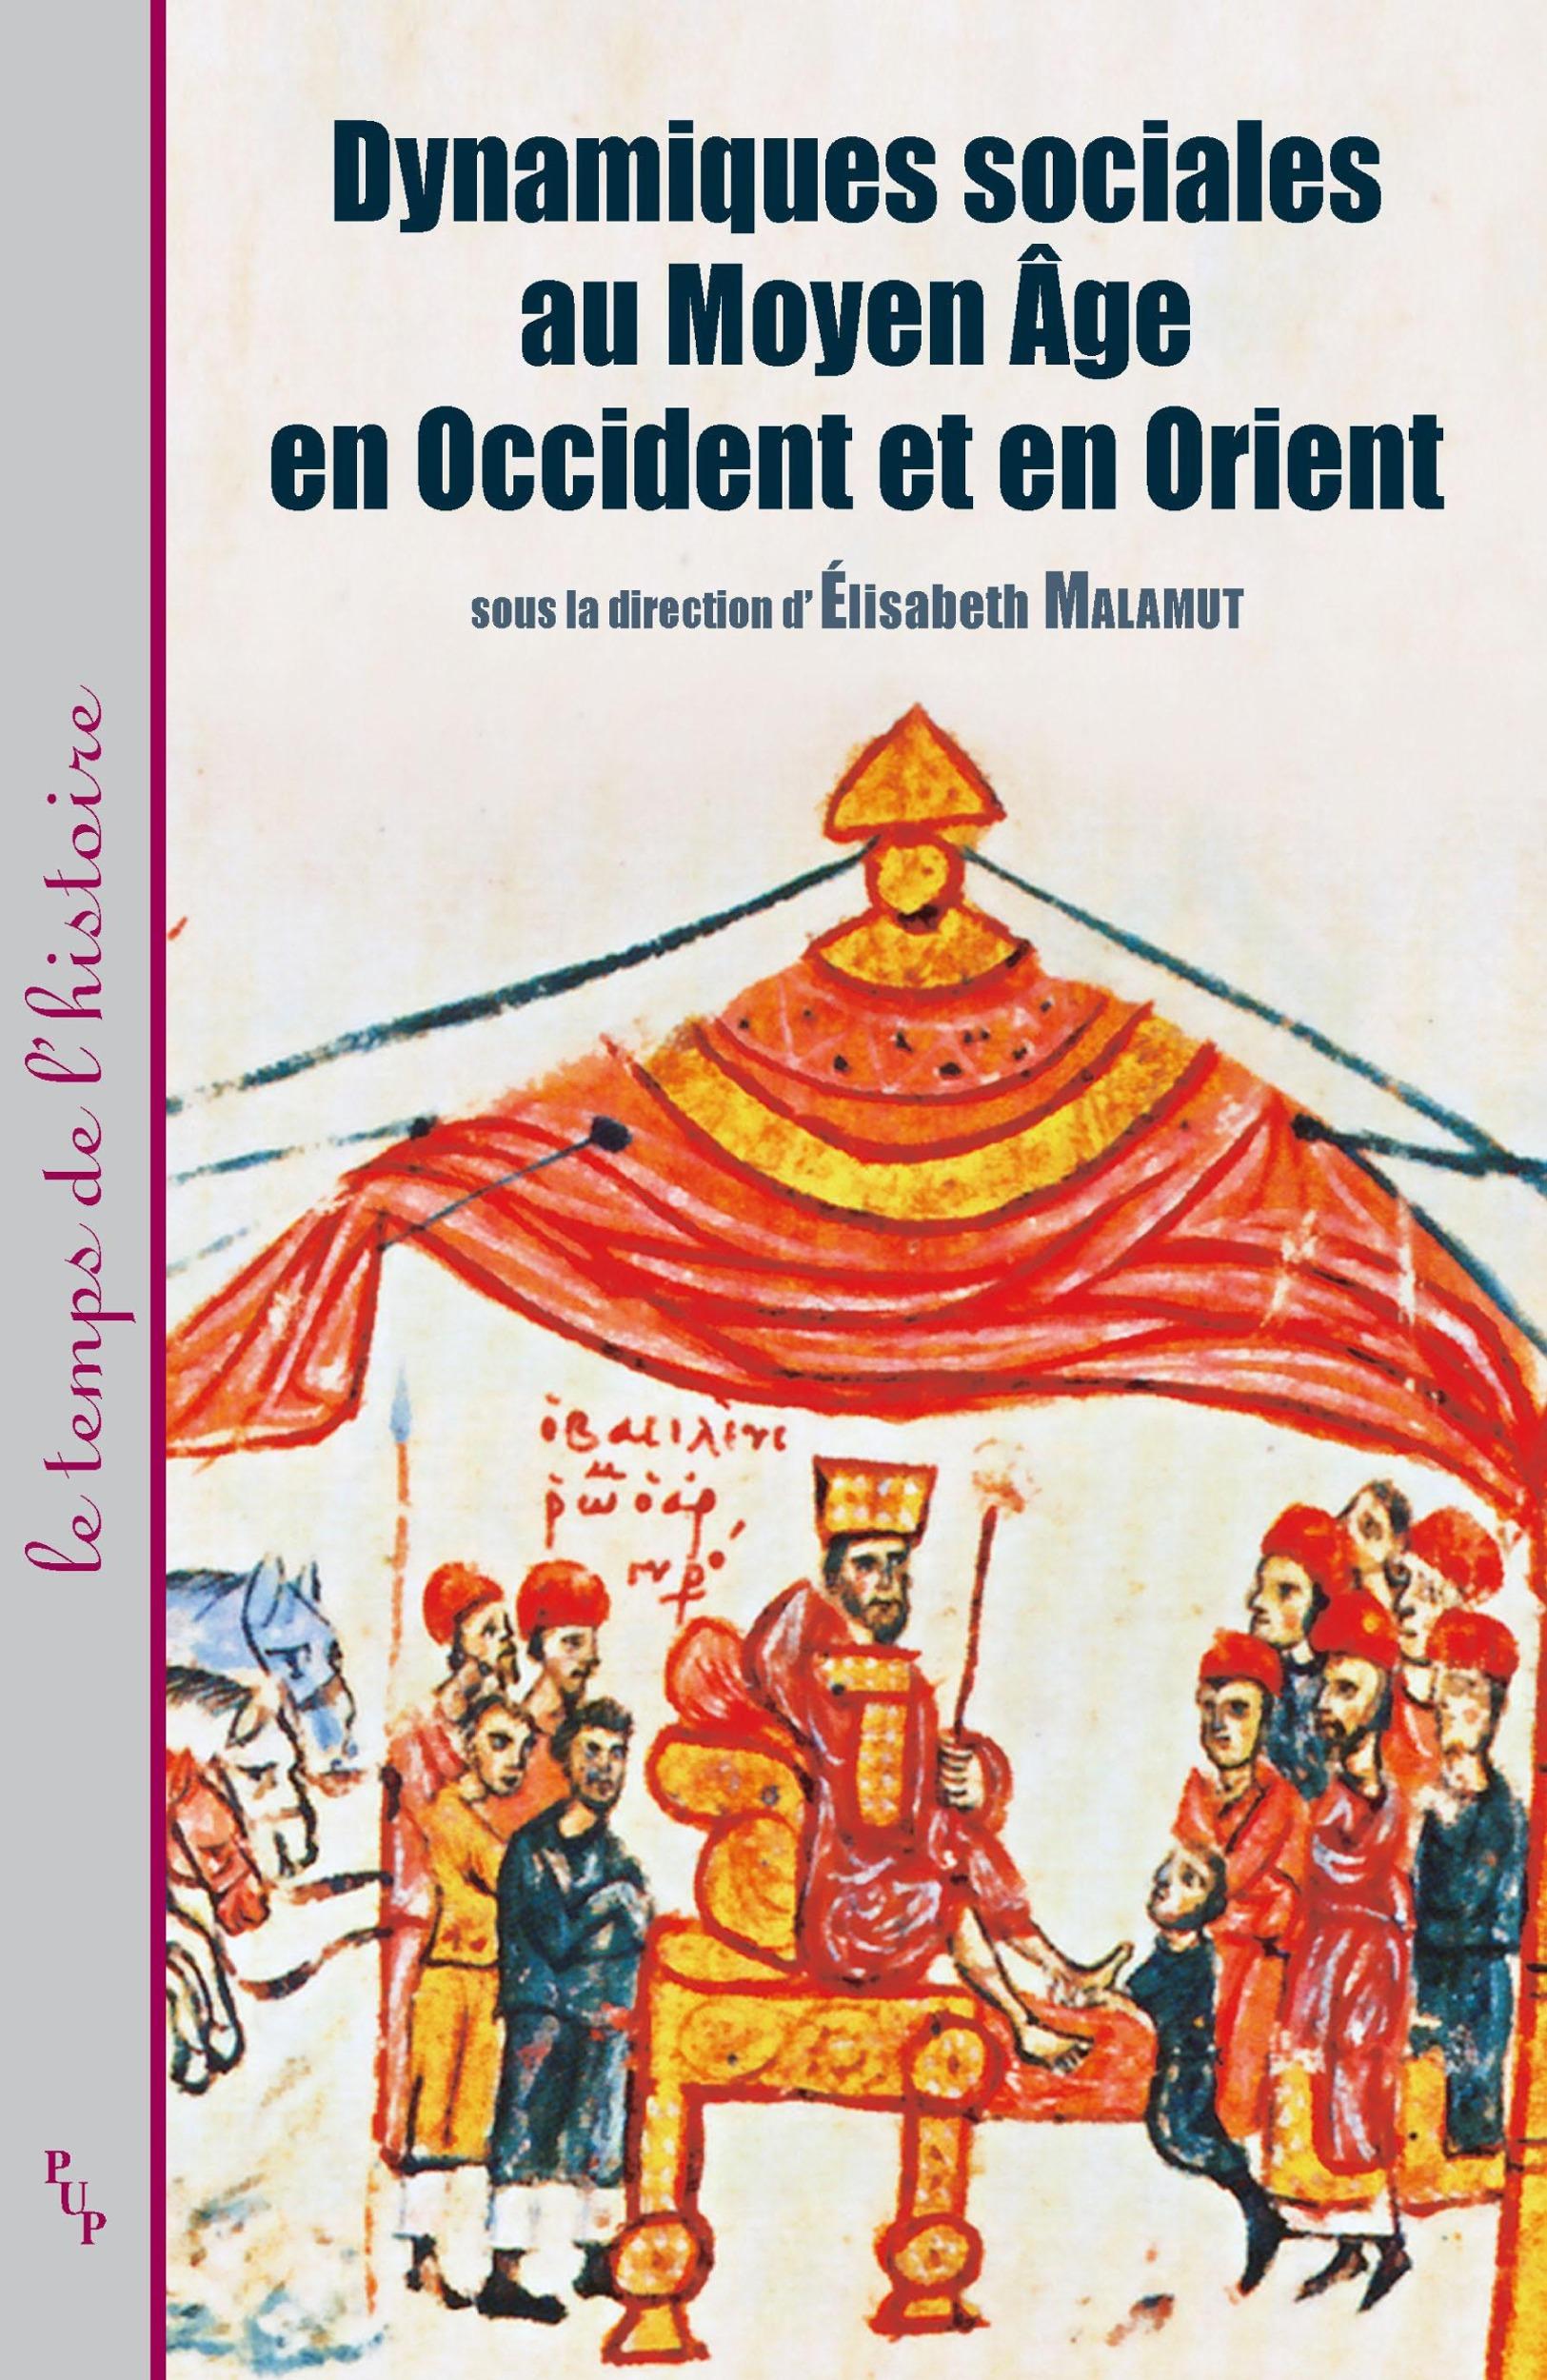 dynamiques sociales au Moyen-âge en Occident et en Orient